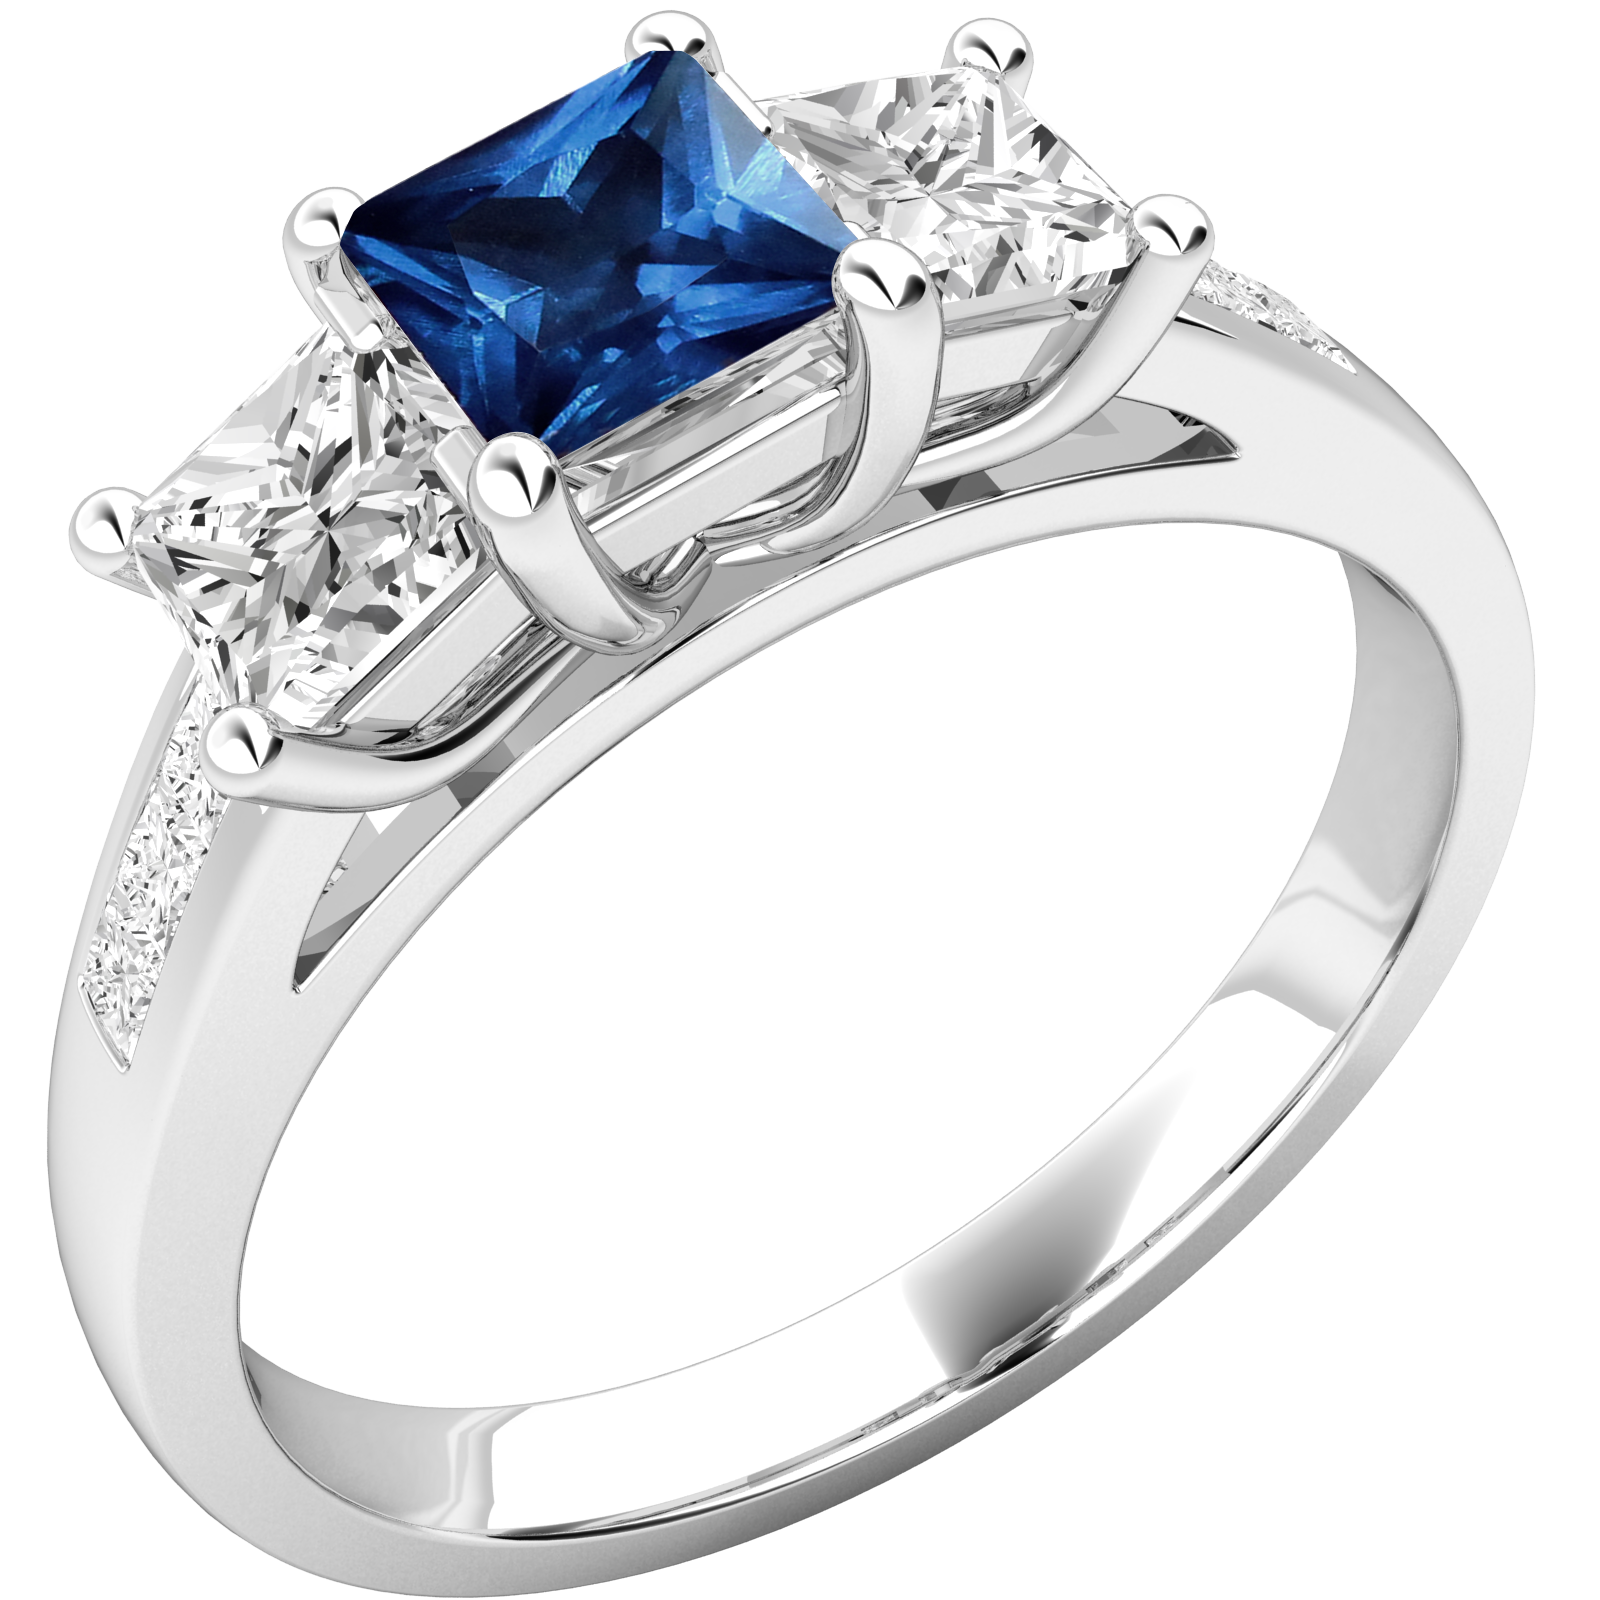 RDS111W-Inel cu Safir si Diamant Dama Aur Alb 18kt cu un Safir Taietura Pătrat in Mijloc si 2 Diamante Taiat Princess pe Fiecsre Parte-img1